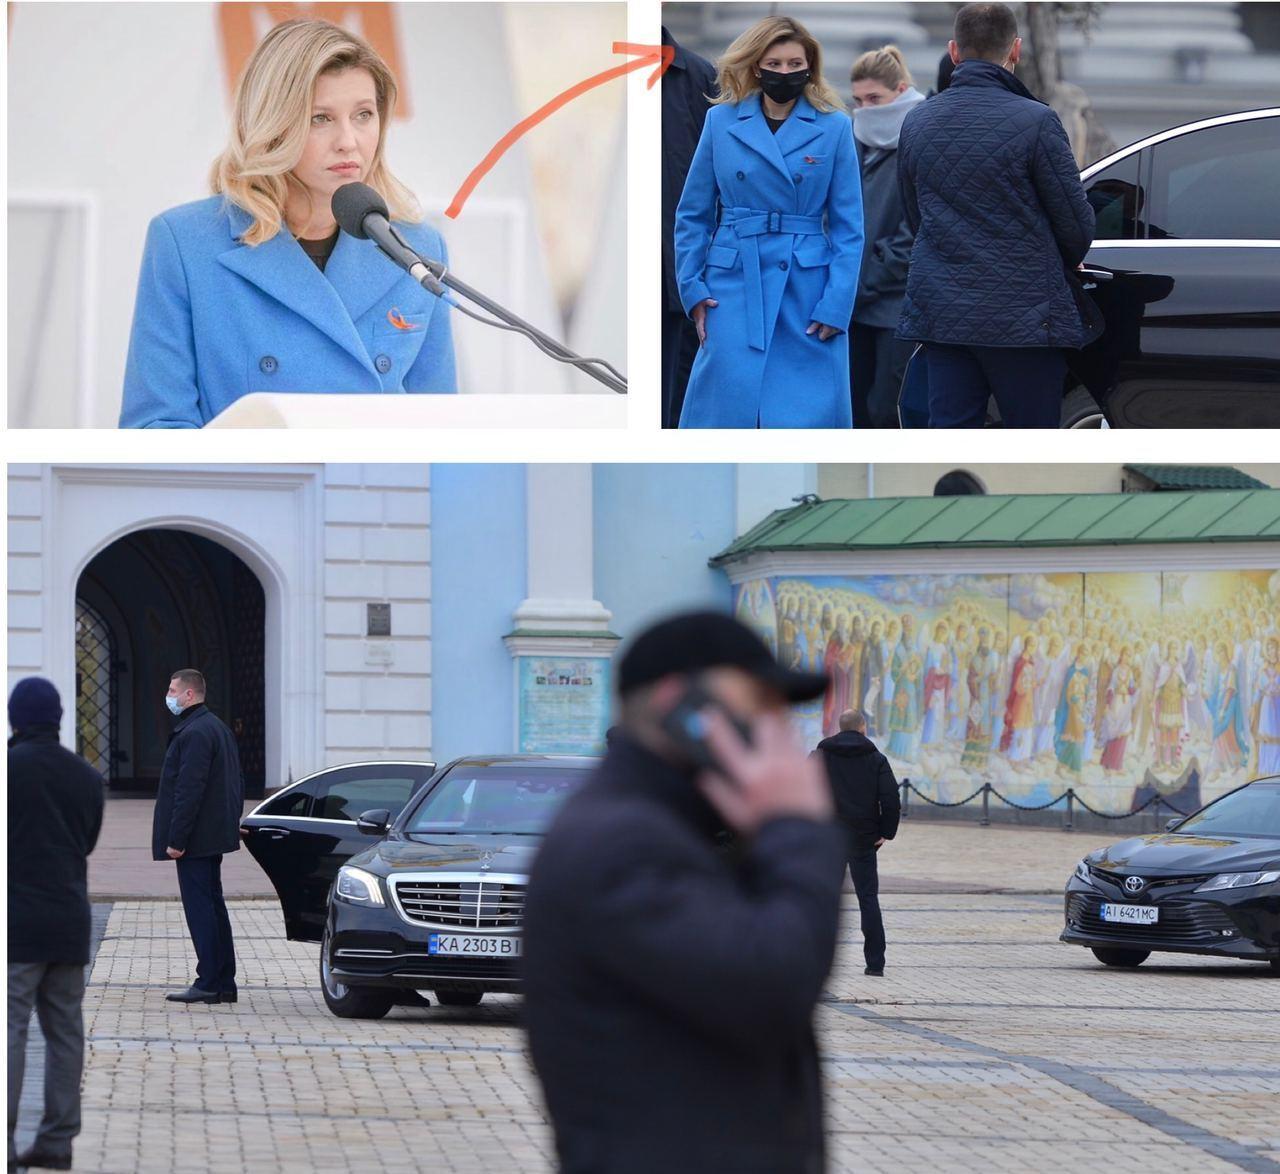 Жена Зеленского безнаказанно нарушает правила дорожного движения 1